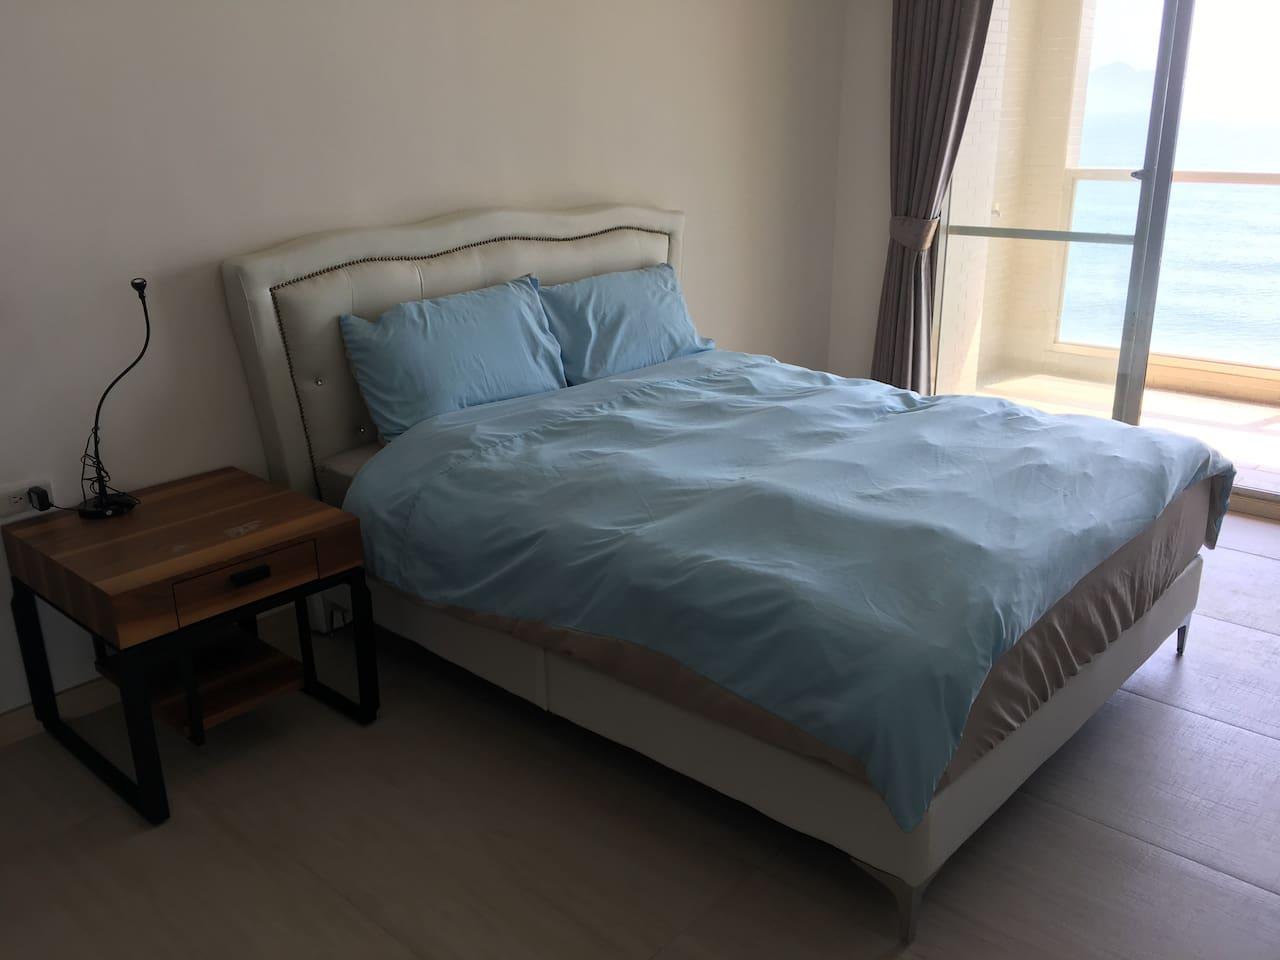 #2 雙人房 (標準雙人床) #2 Bedroom with standard double bed